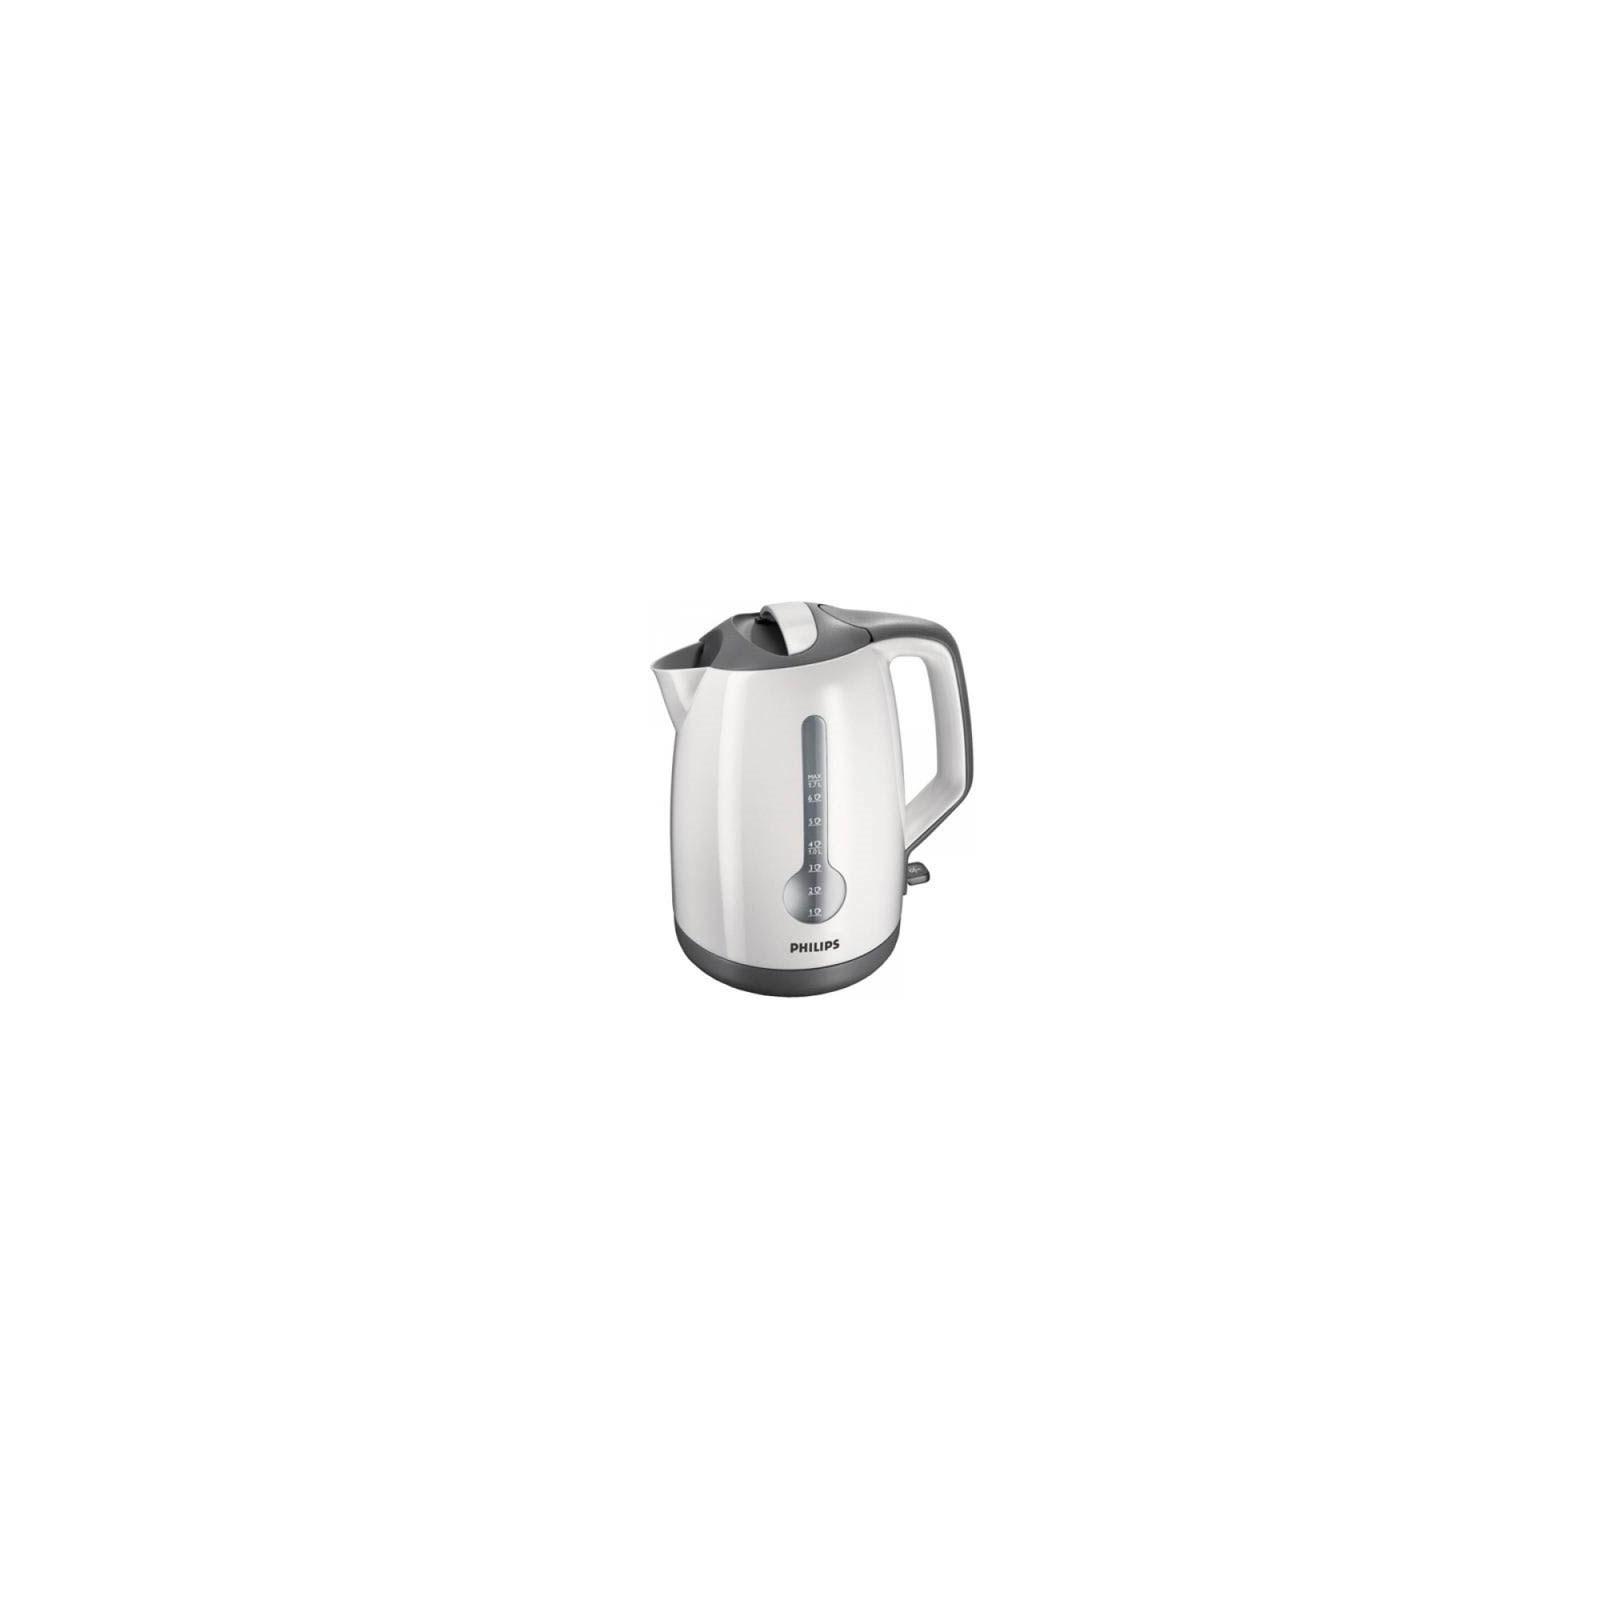 Электрочайник PHILIPS HD 4649/00 (HD4649/00)